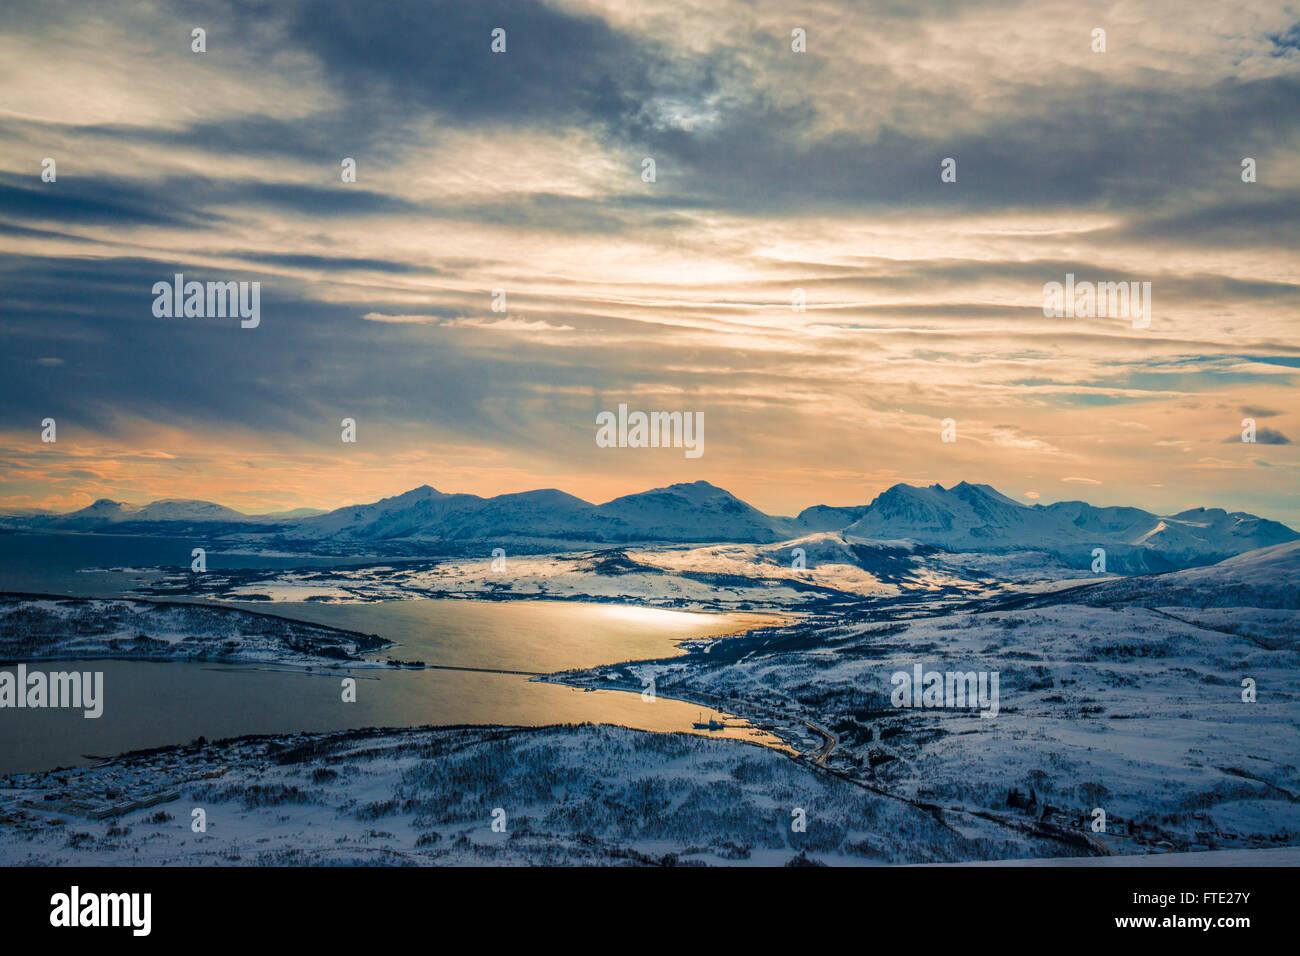 Montagne baigné de lumière dorée de Finnlandsfjellet, Kvaloya, dans le Nord de la Norvège Photo Stock